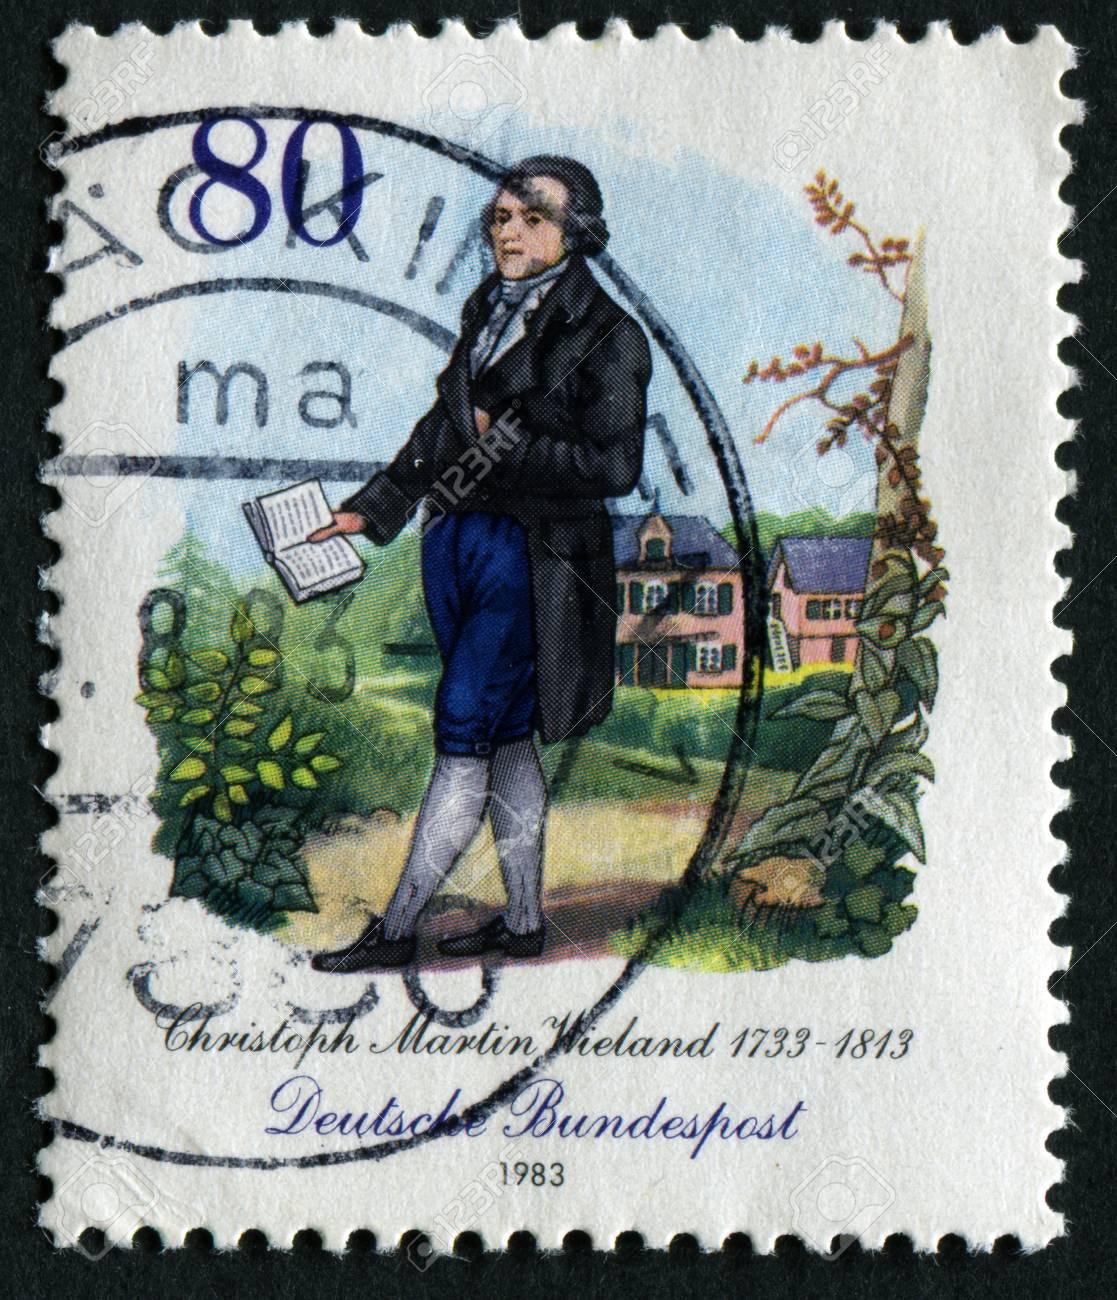 ハインリッヒ・ヴィーラント